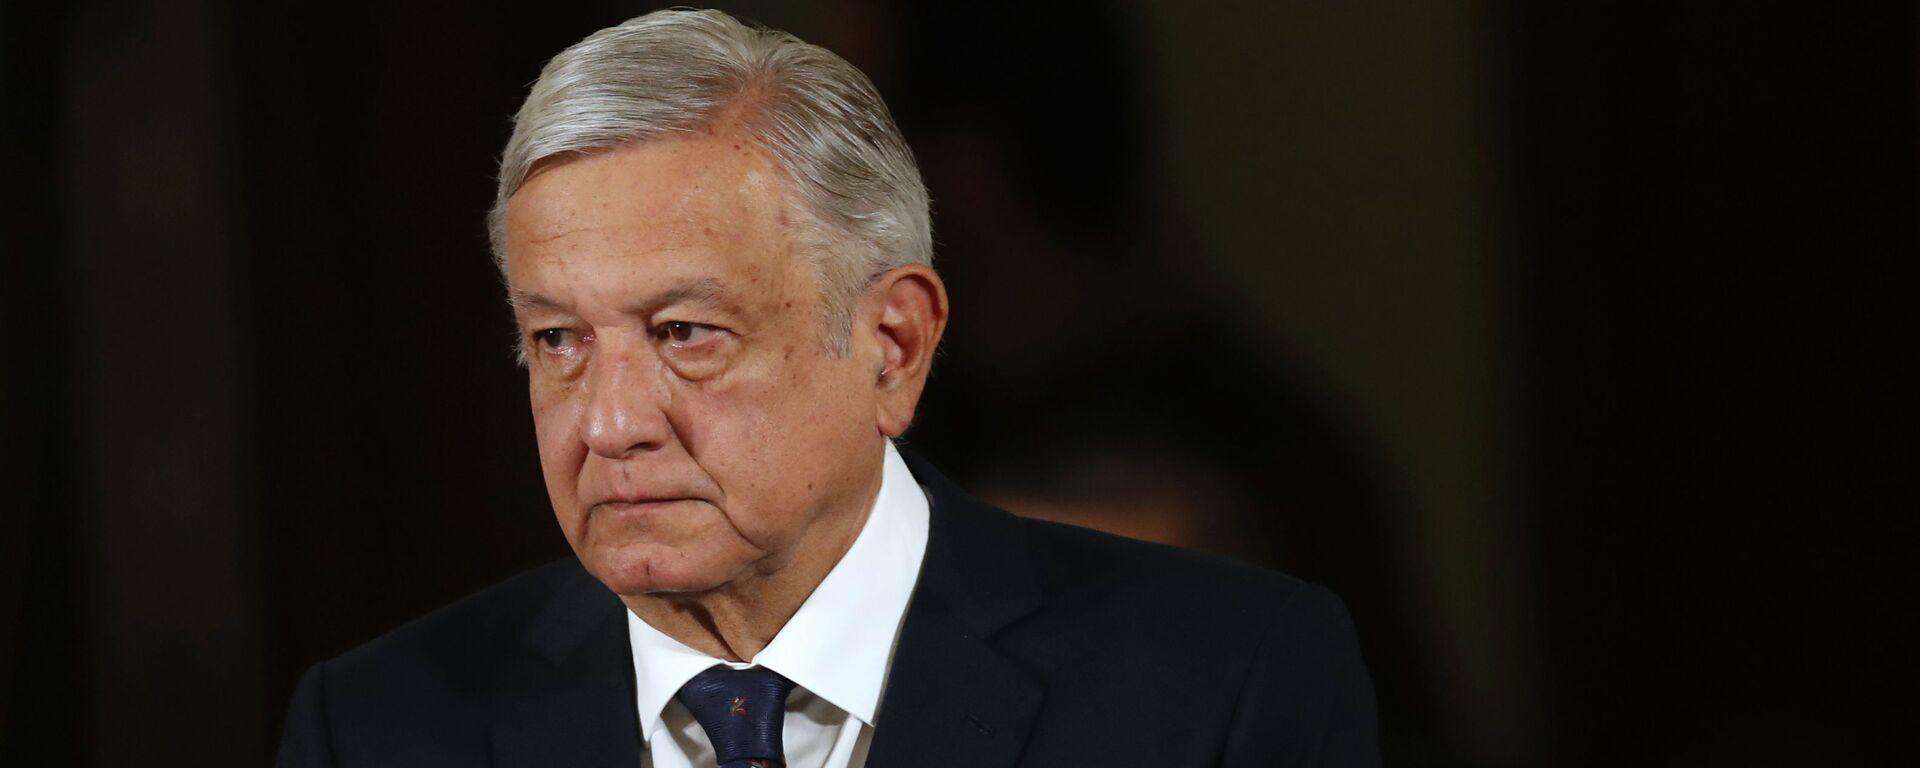 Andrés Manuel López Obrador, presidente de México - Sputnik Mundo, 1920, 10.06.2021